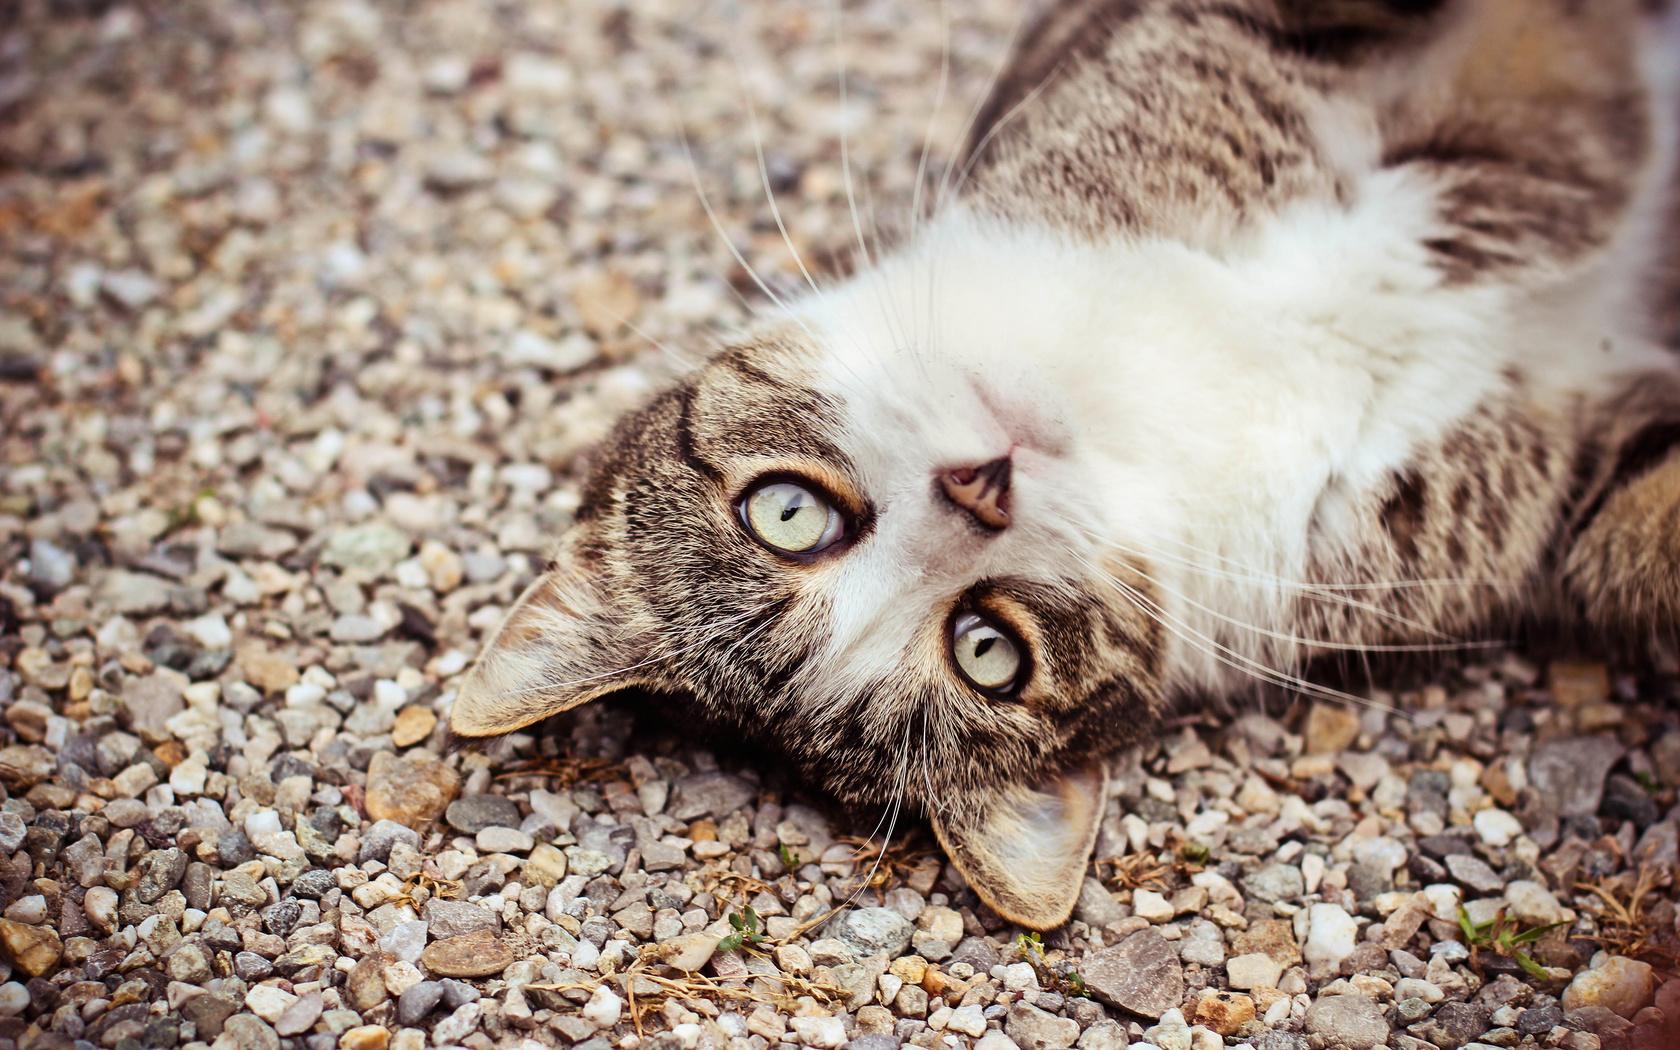 кошка, Кот, морда, камешки, глаза, взгляд